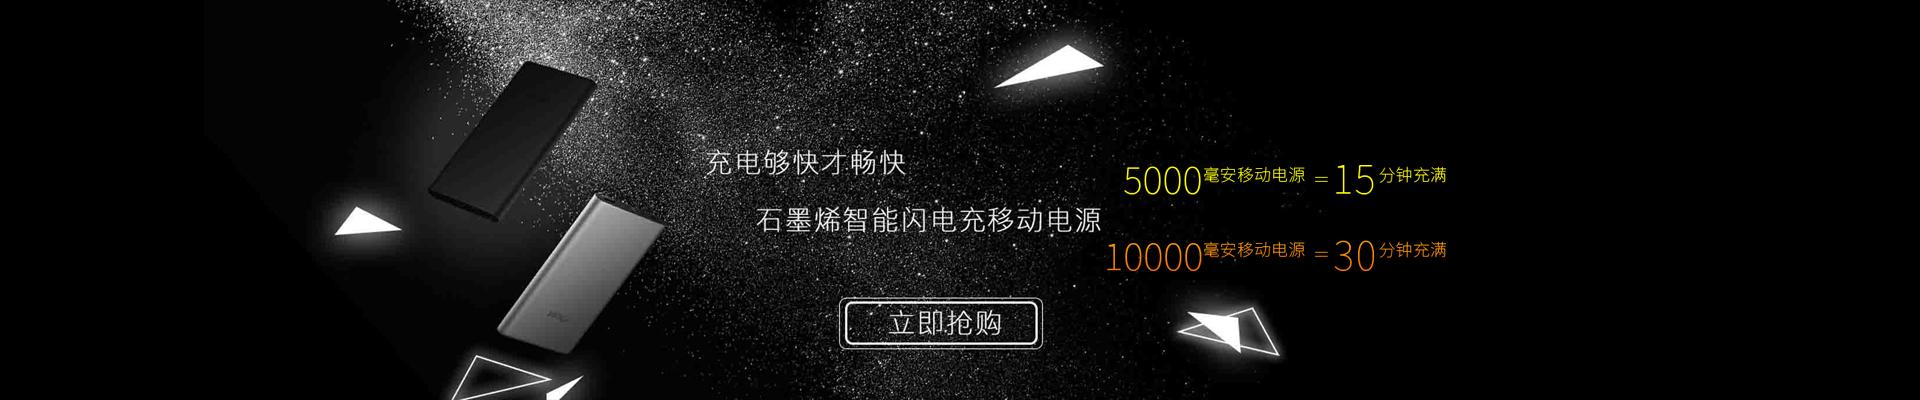 北京鑫都汇科技有限公司